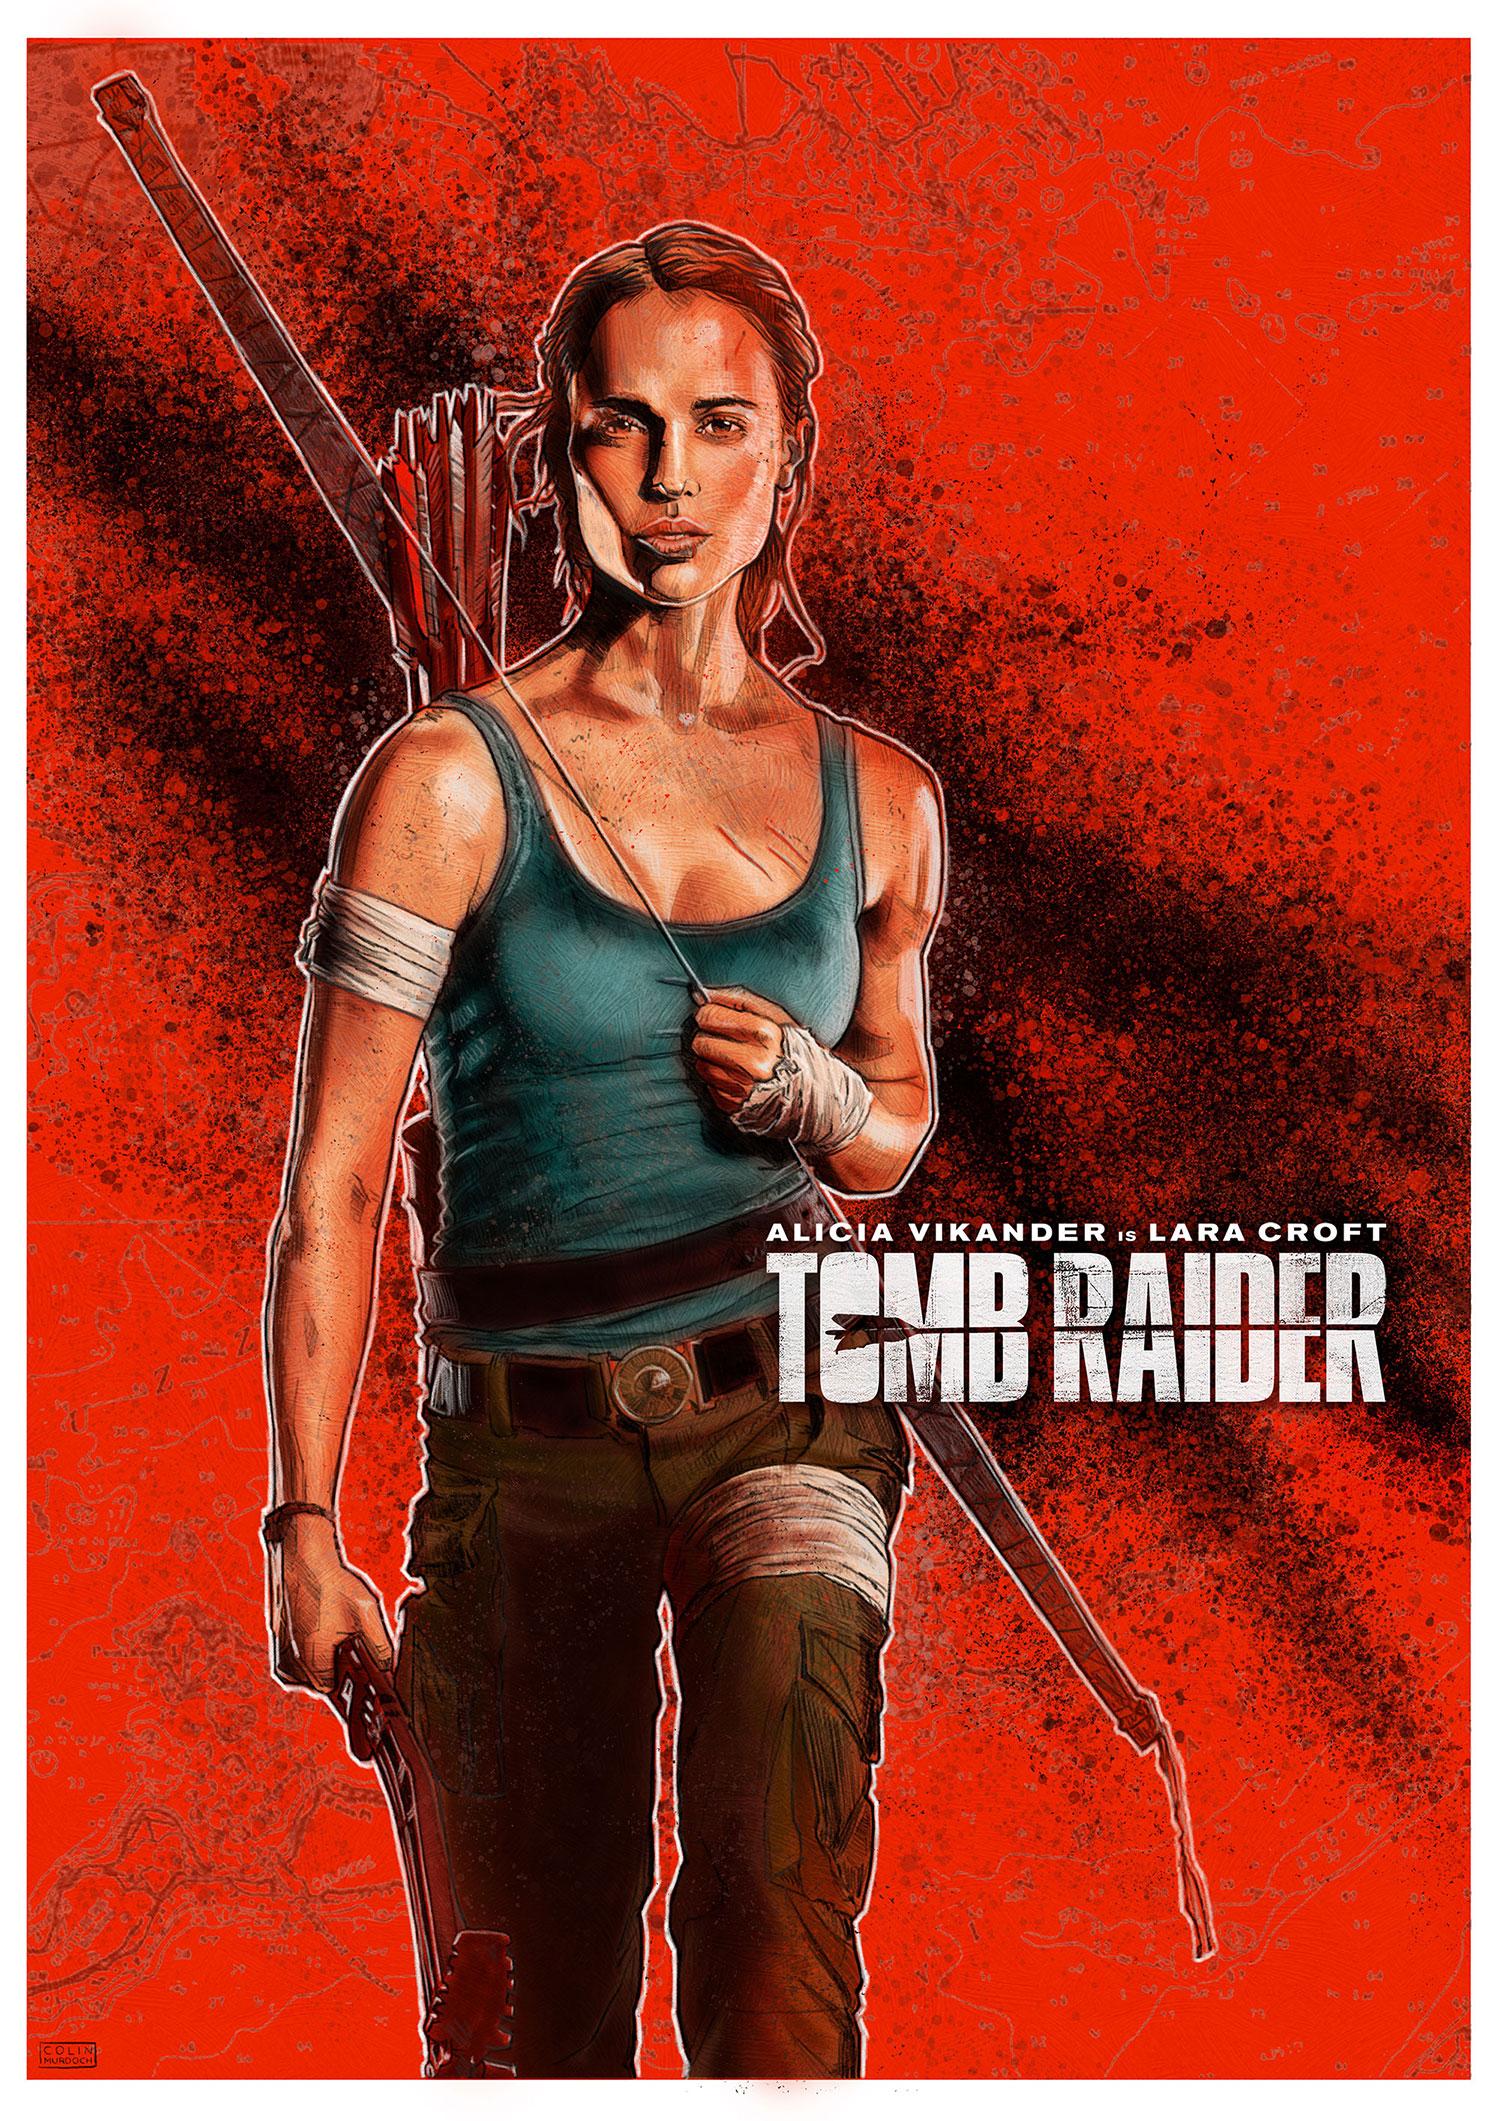 Tomb Raider Alternative Movie Poster Colin Murdoch Illustration